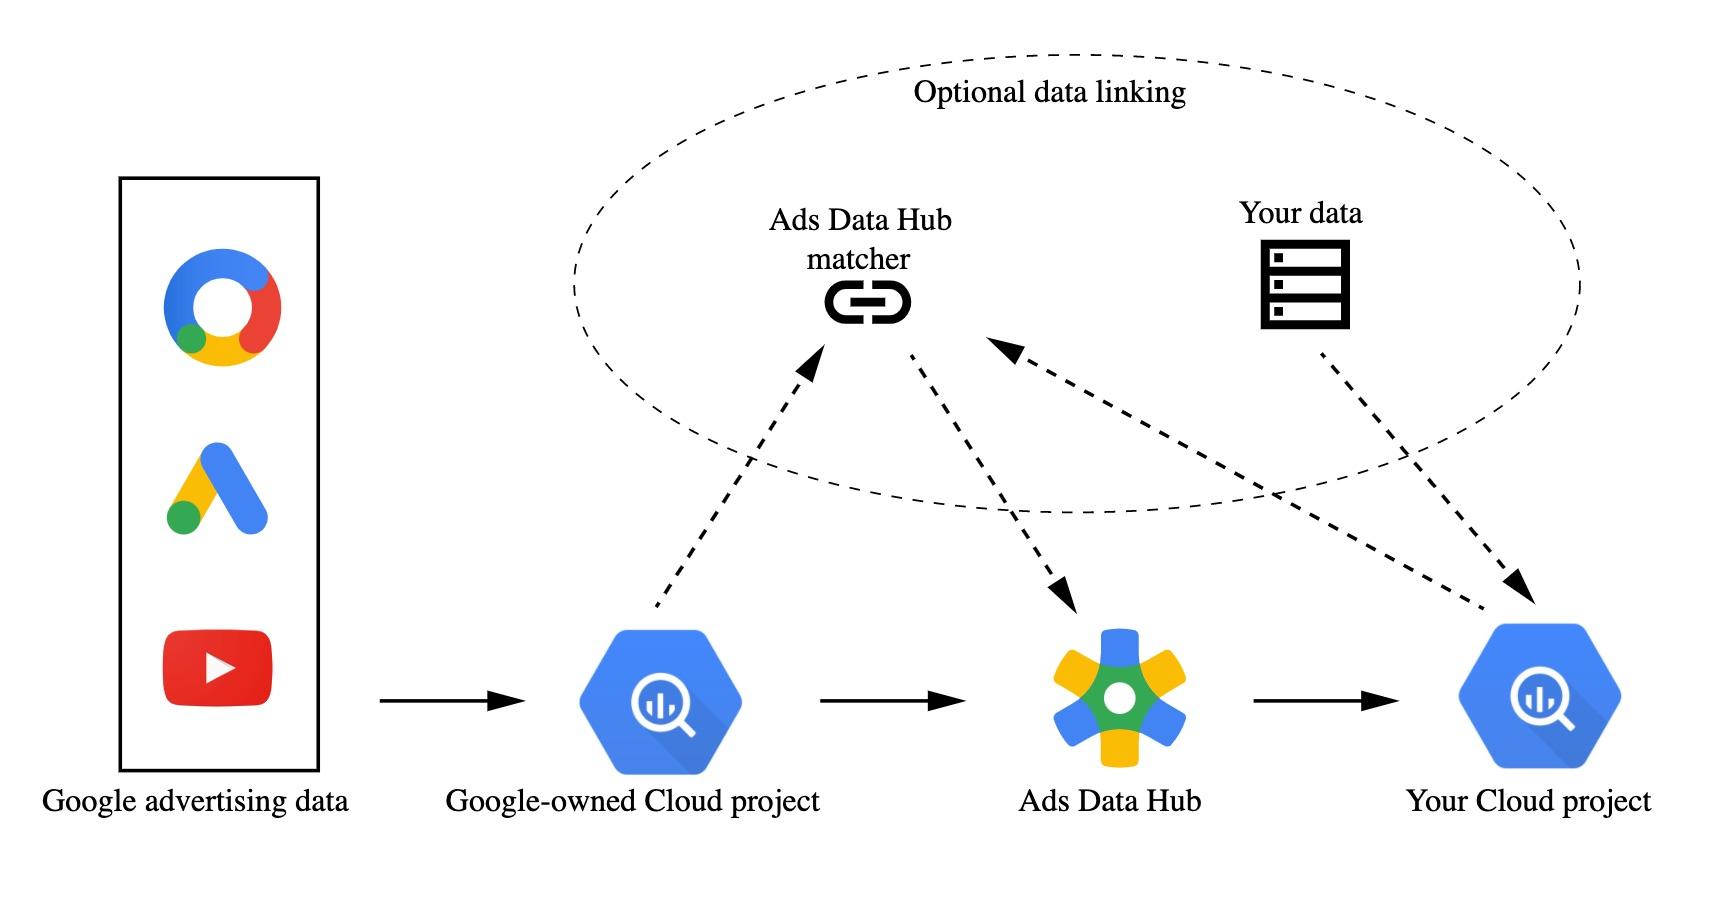 Centro de datos de anuncios de Google.